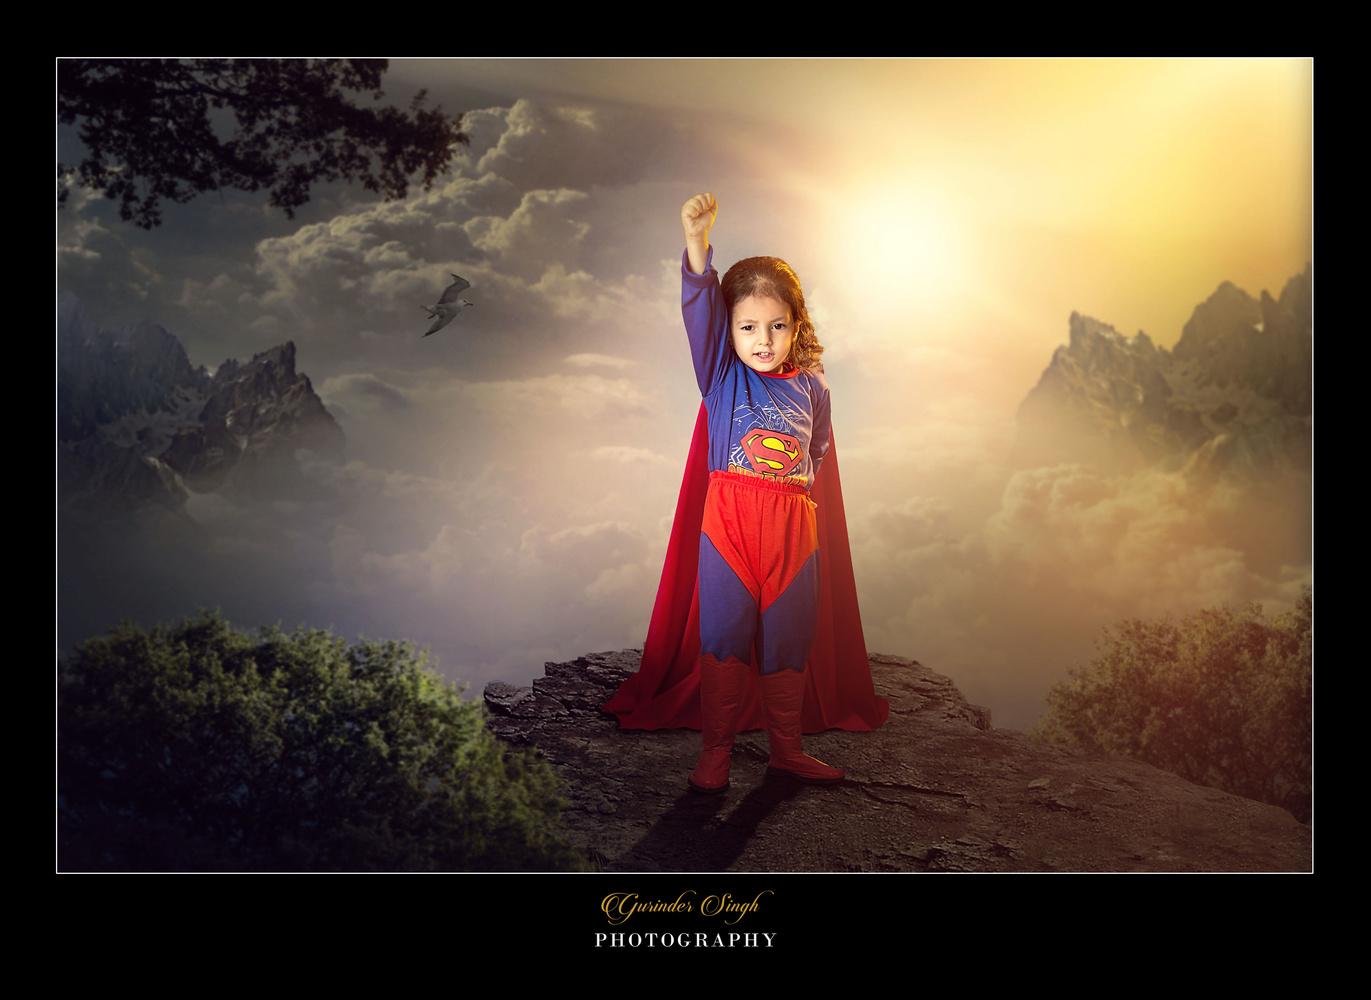 Superman by Gurinder Singh